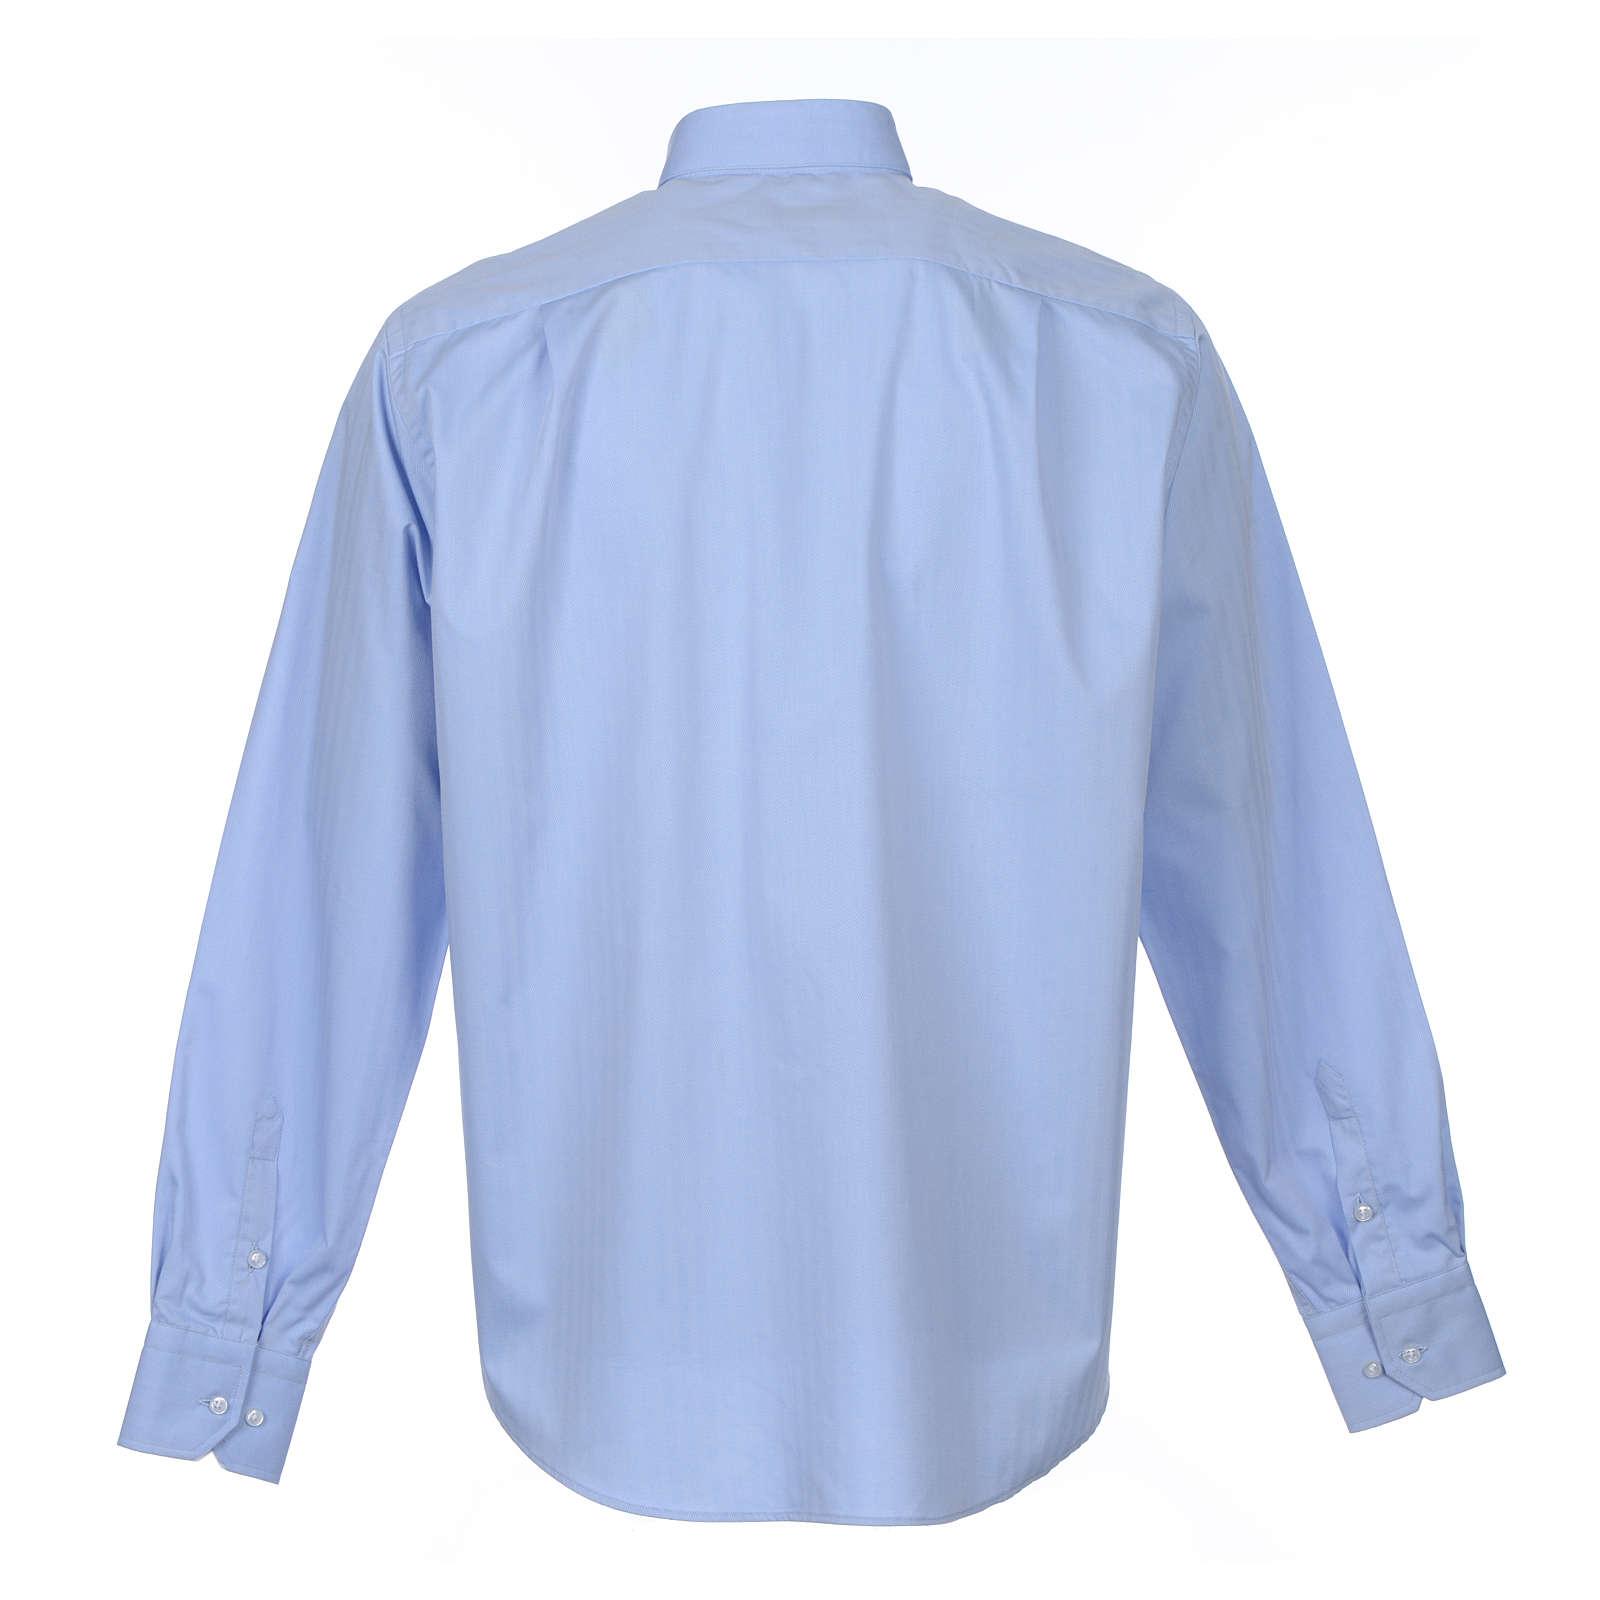 Chemise clergy m. longues Repassage facile Chevrons Mixte coton Bleu clair 4